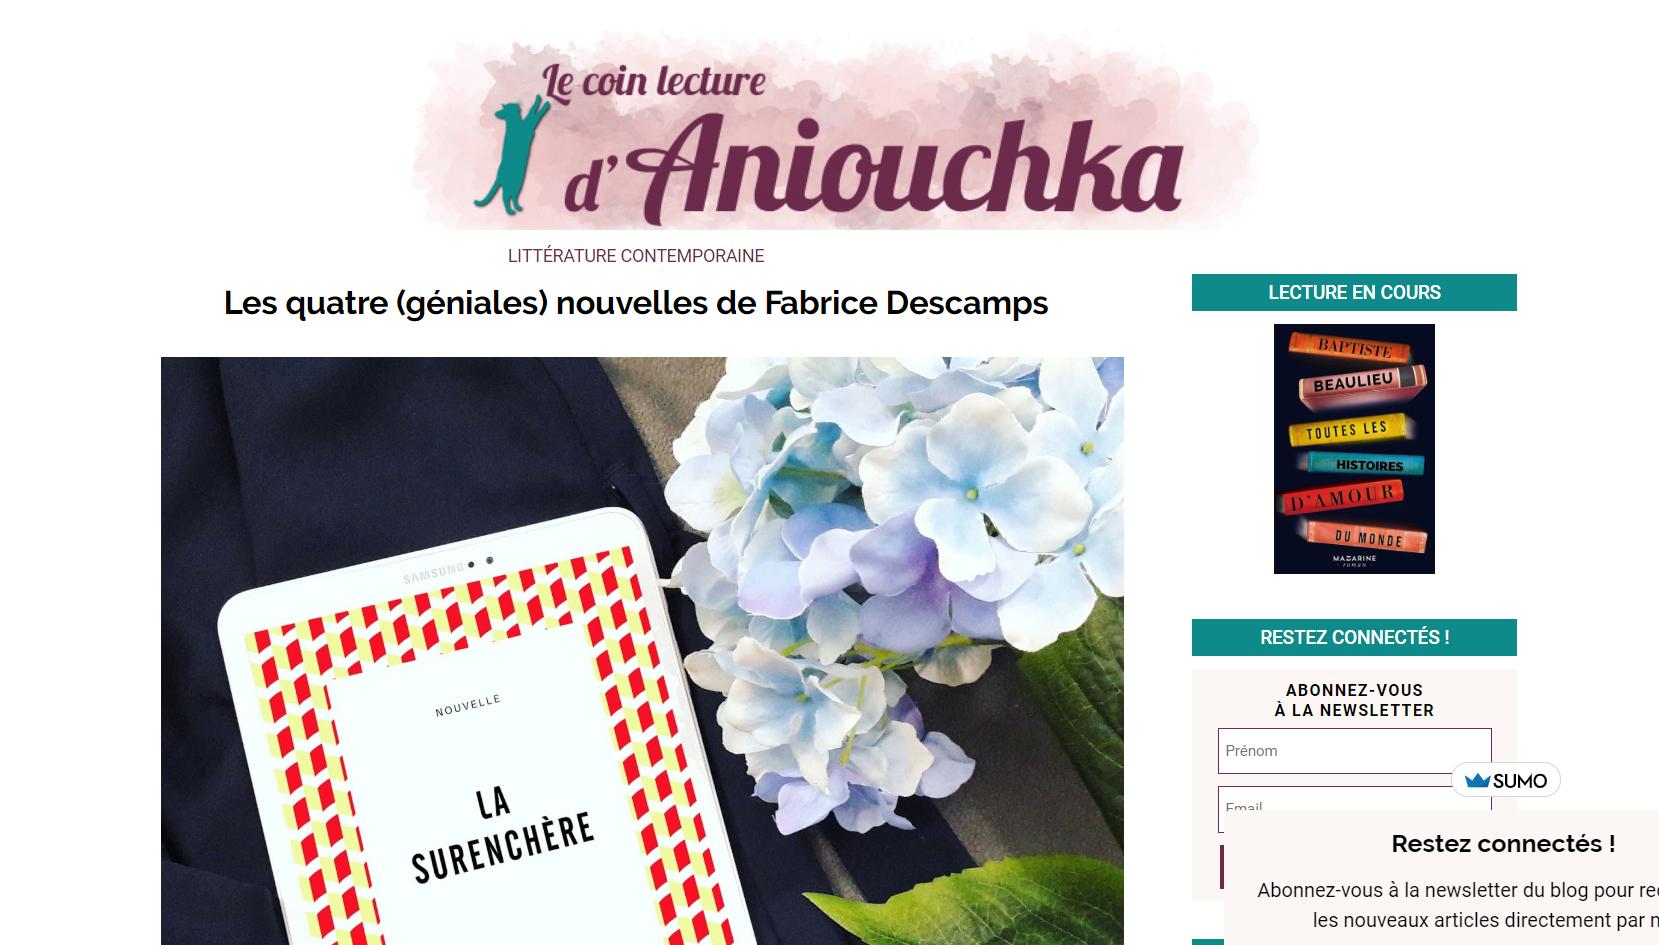 Le coin lecture d'Aniouchka : nouvelles de Fabrice Décamps